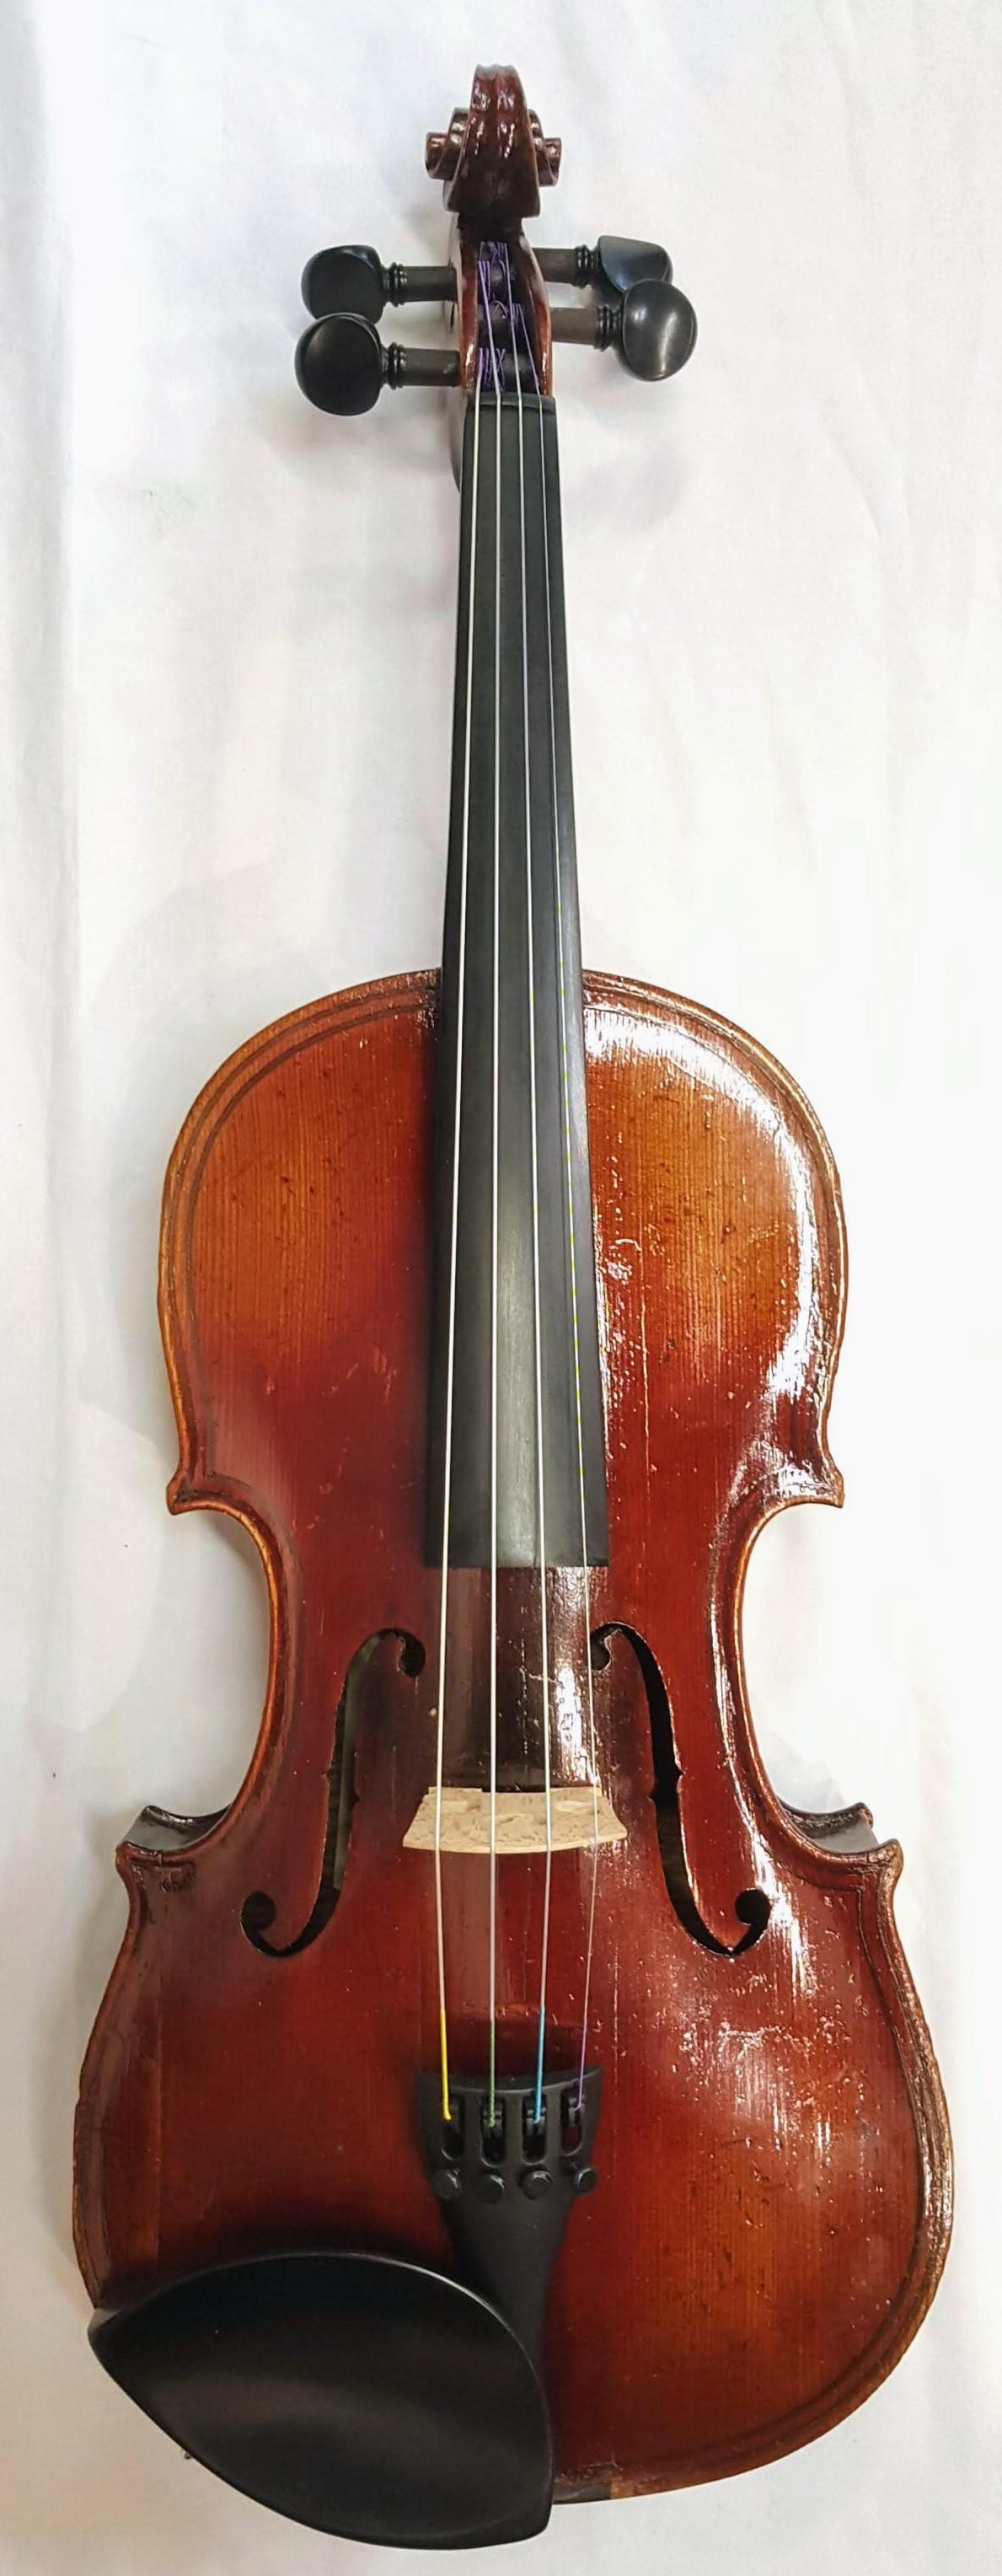 ...(ARCHIVED)... Antique Violin. Germany 'PAULO MAGGINI' circa 1910